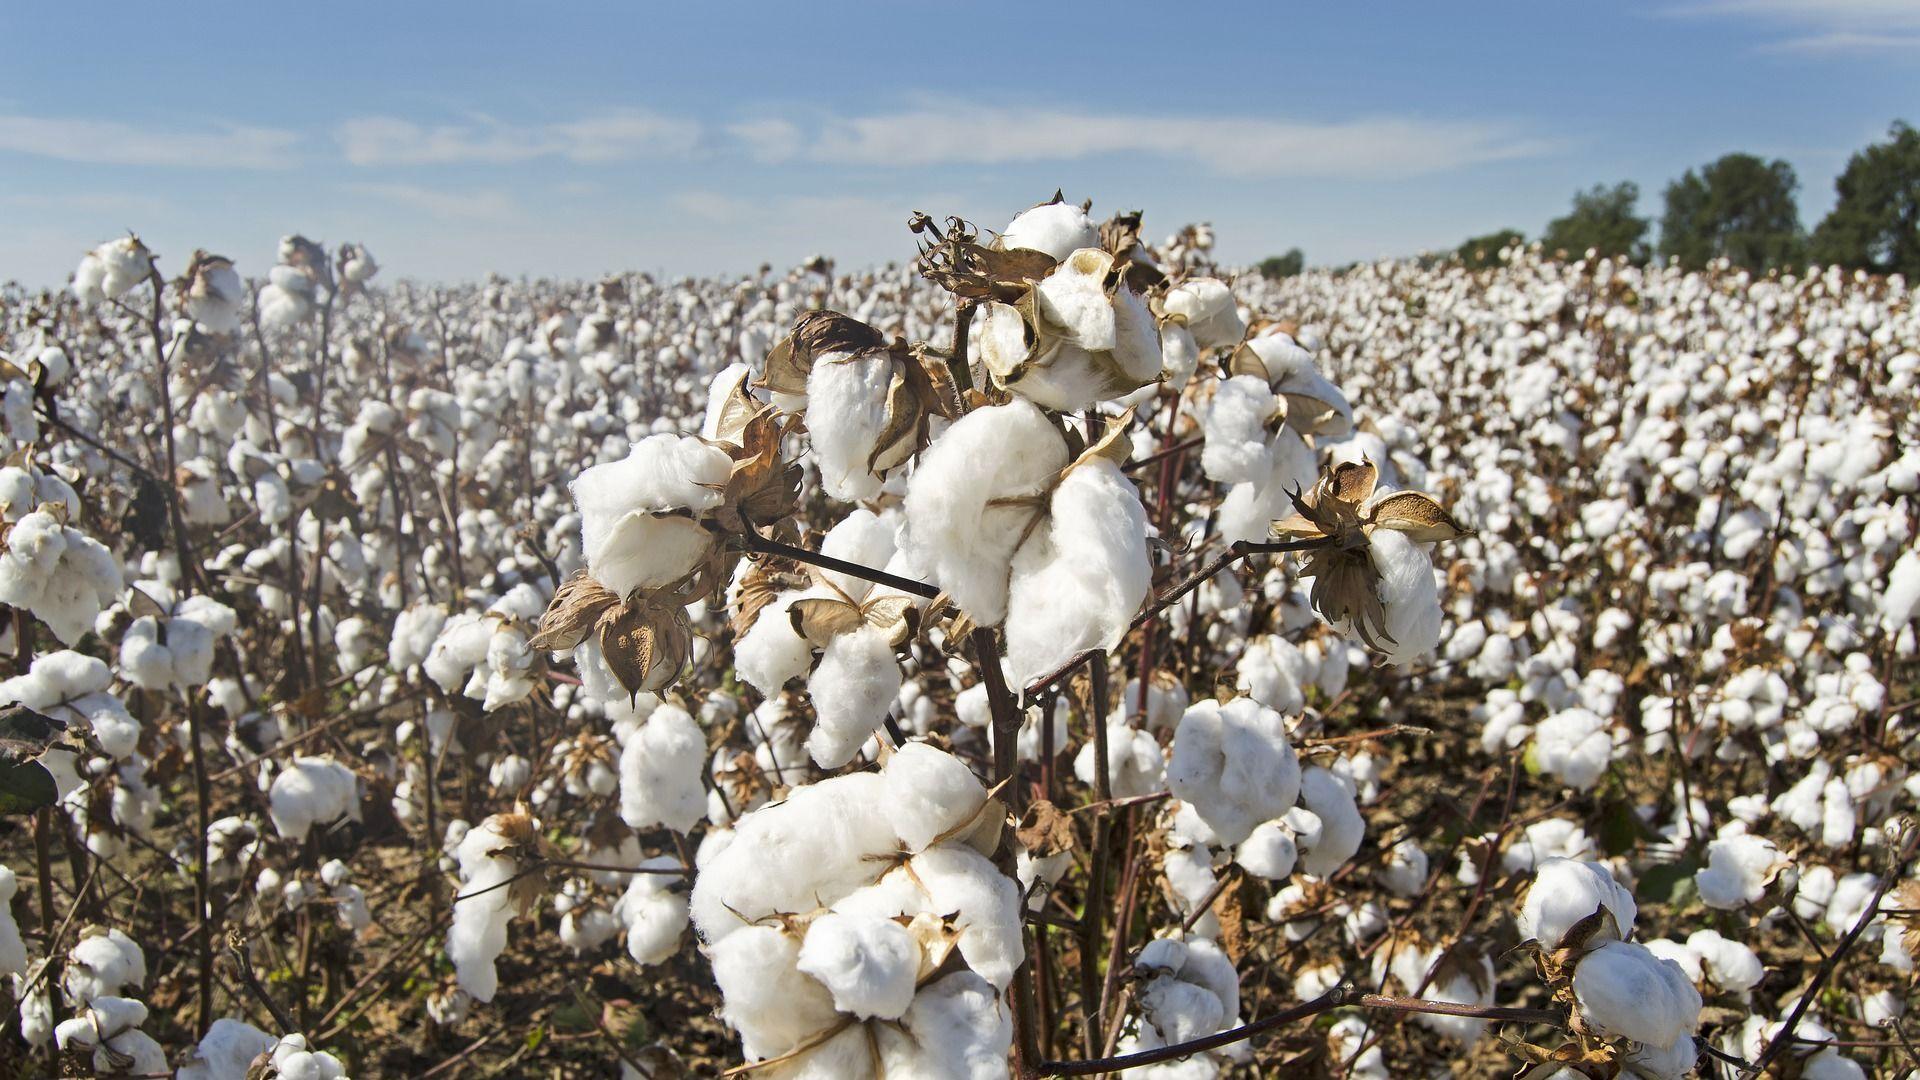 Una plantación de algodón (imagen referencial) - Sputnik Mundo, 1920, 25.03.2021